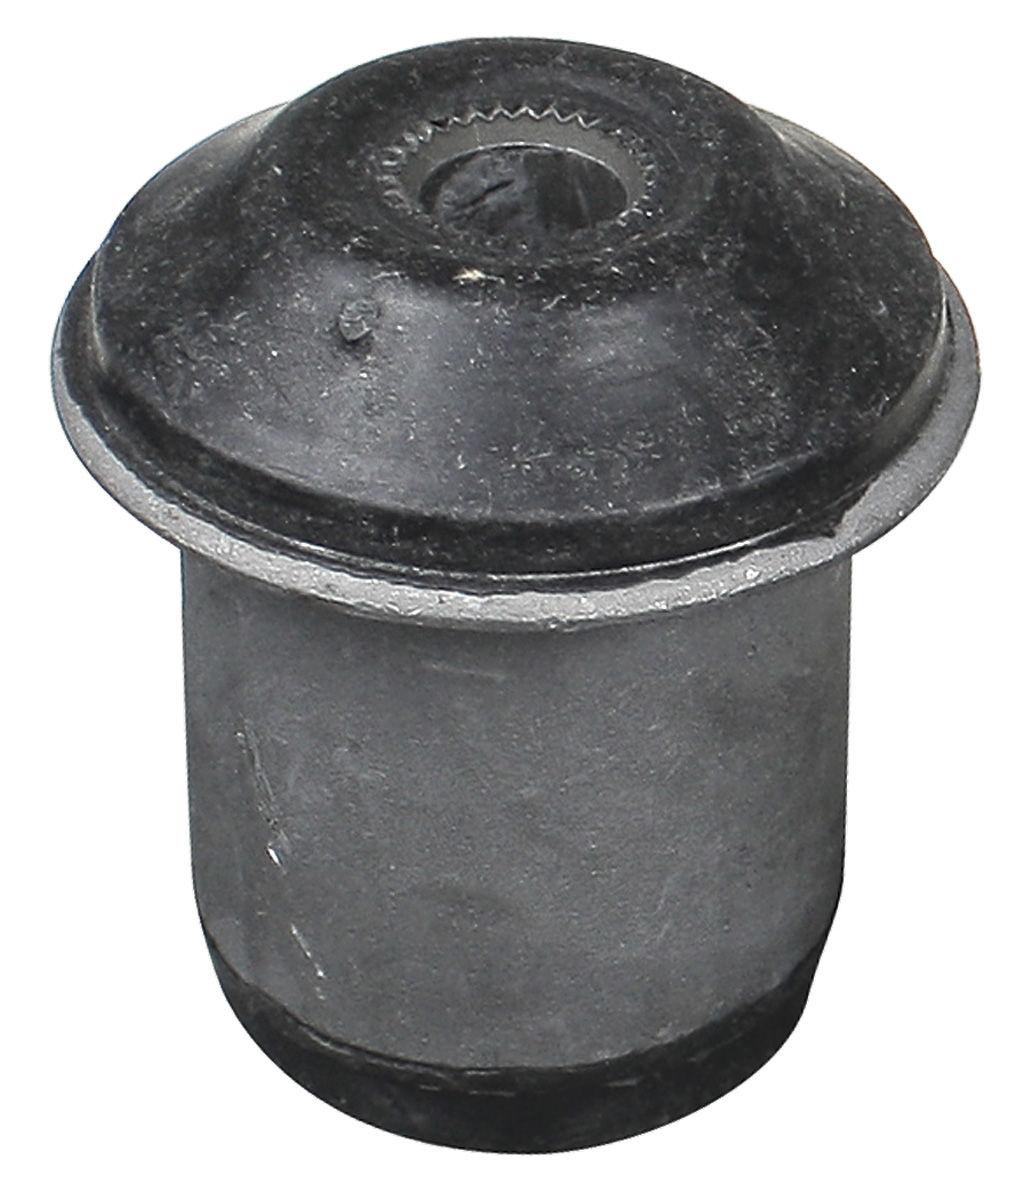 Bushing, Rear Control Arm, 1961-64 Cadillac, Upper